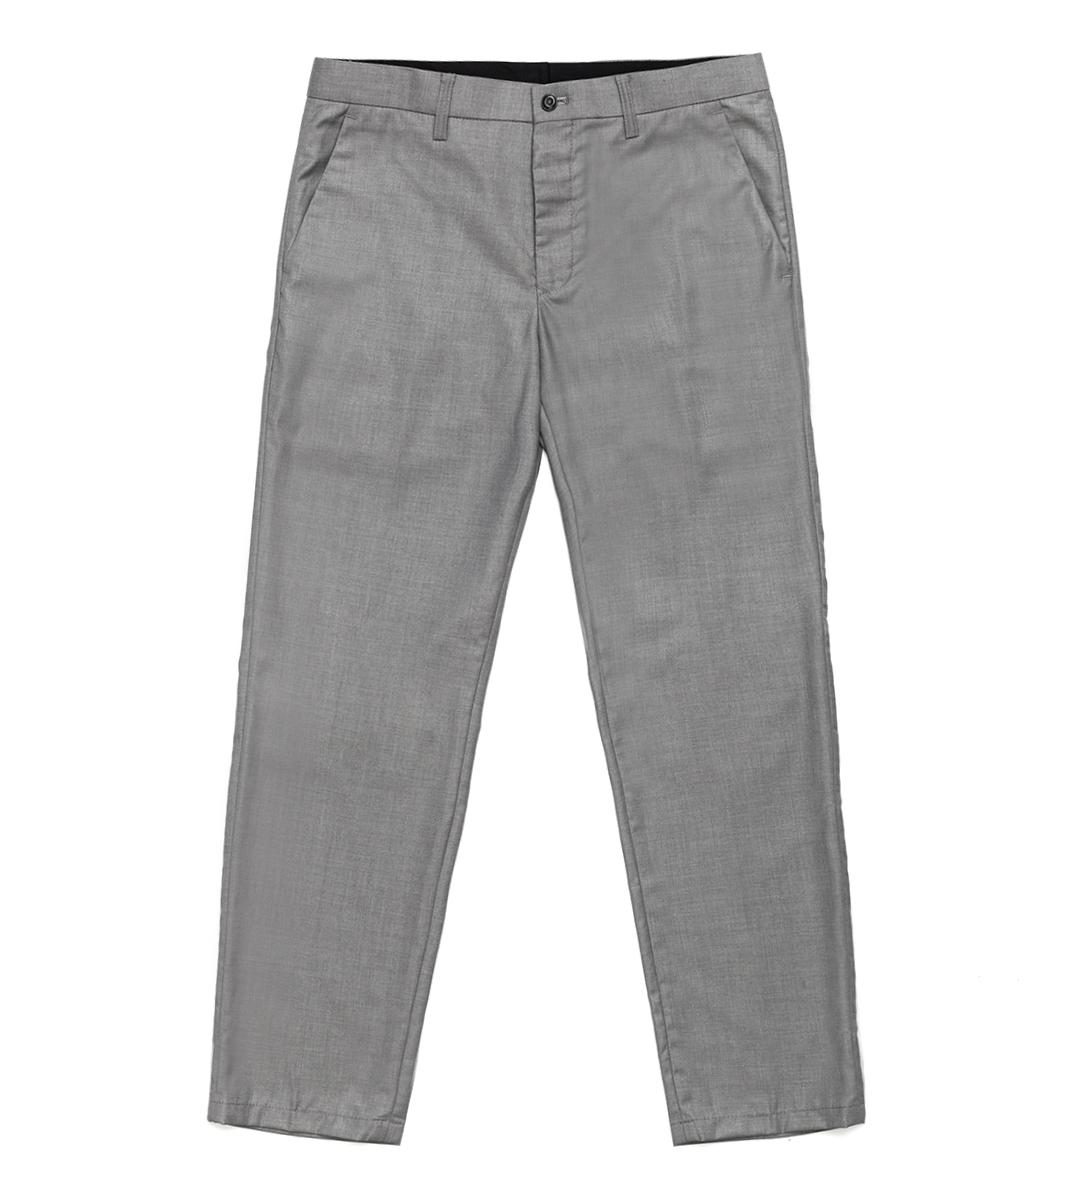 TW1521_02直筒西裝長褲